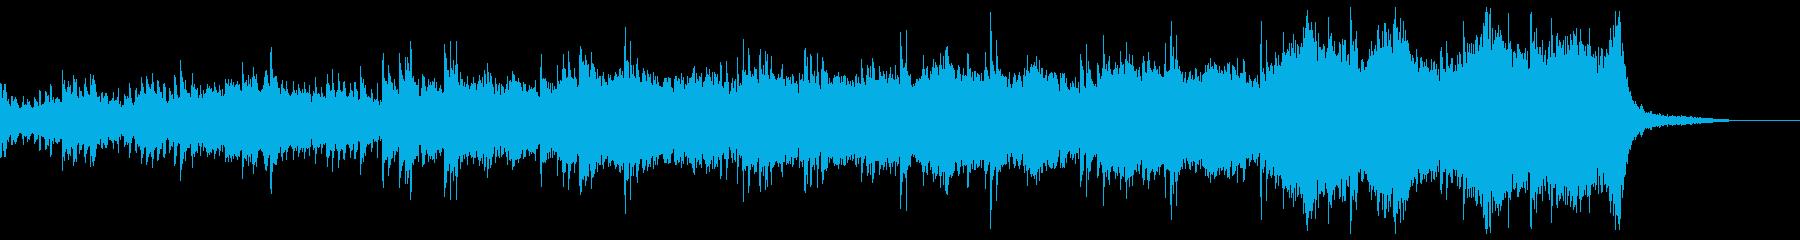 暗いサスペンス映画に流れている様なBGMの再生済みの波形